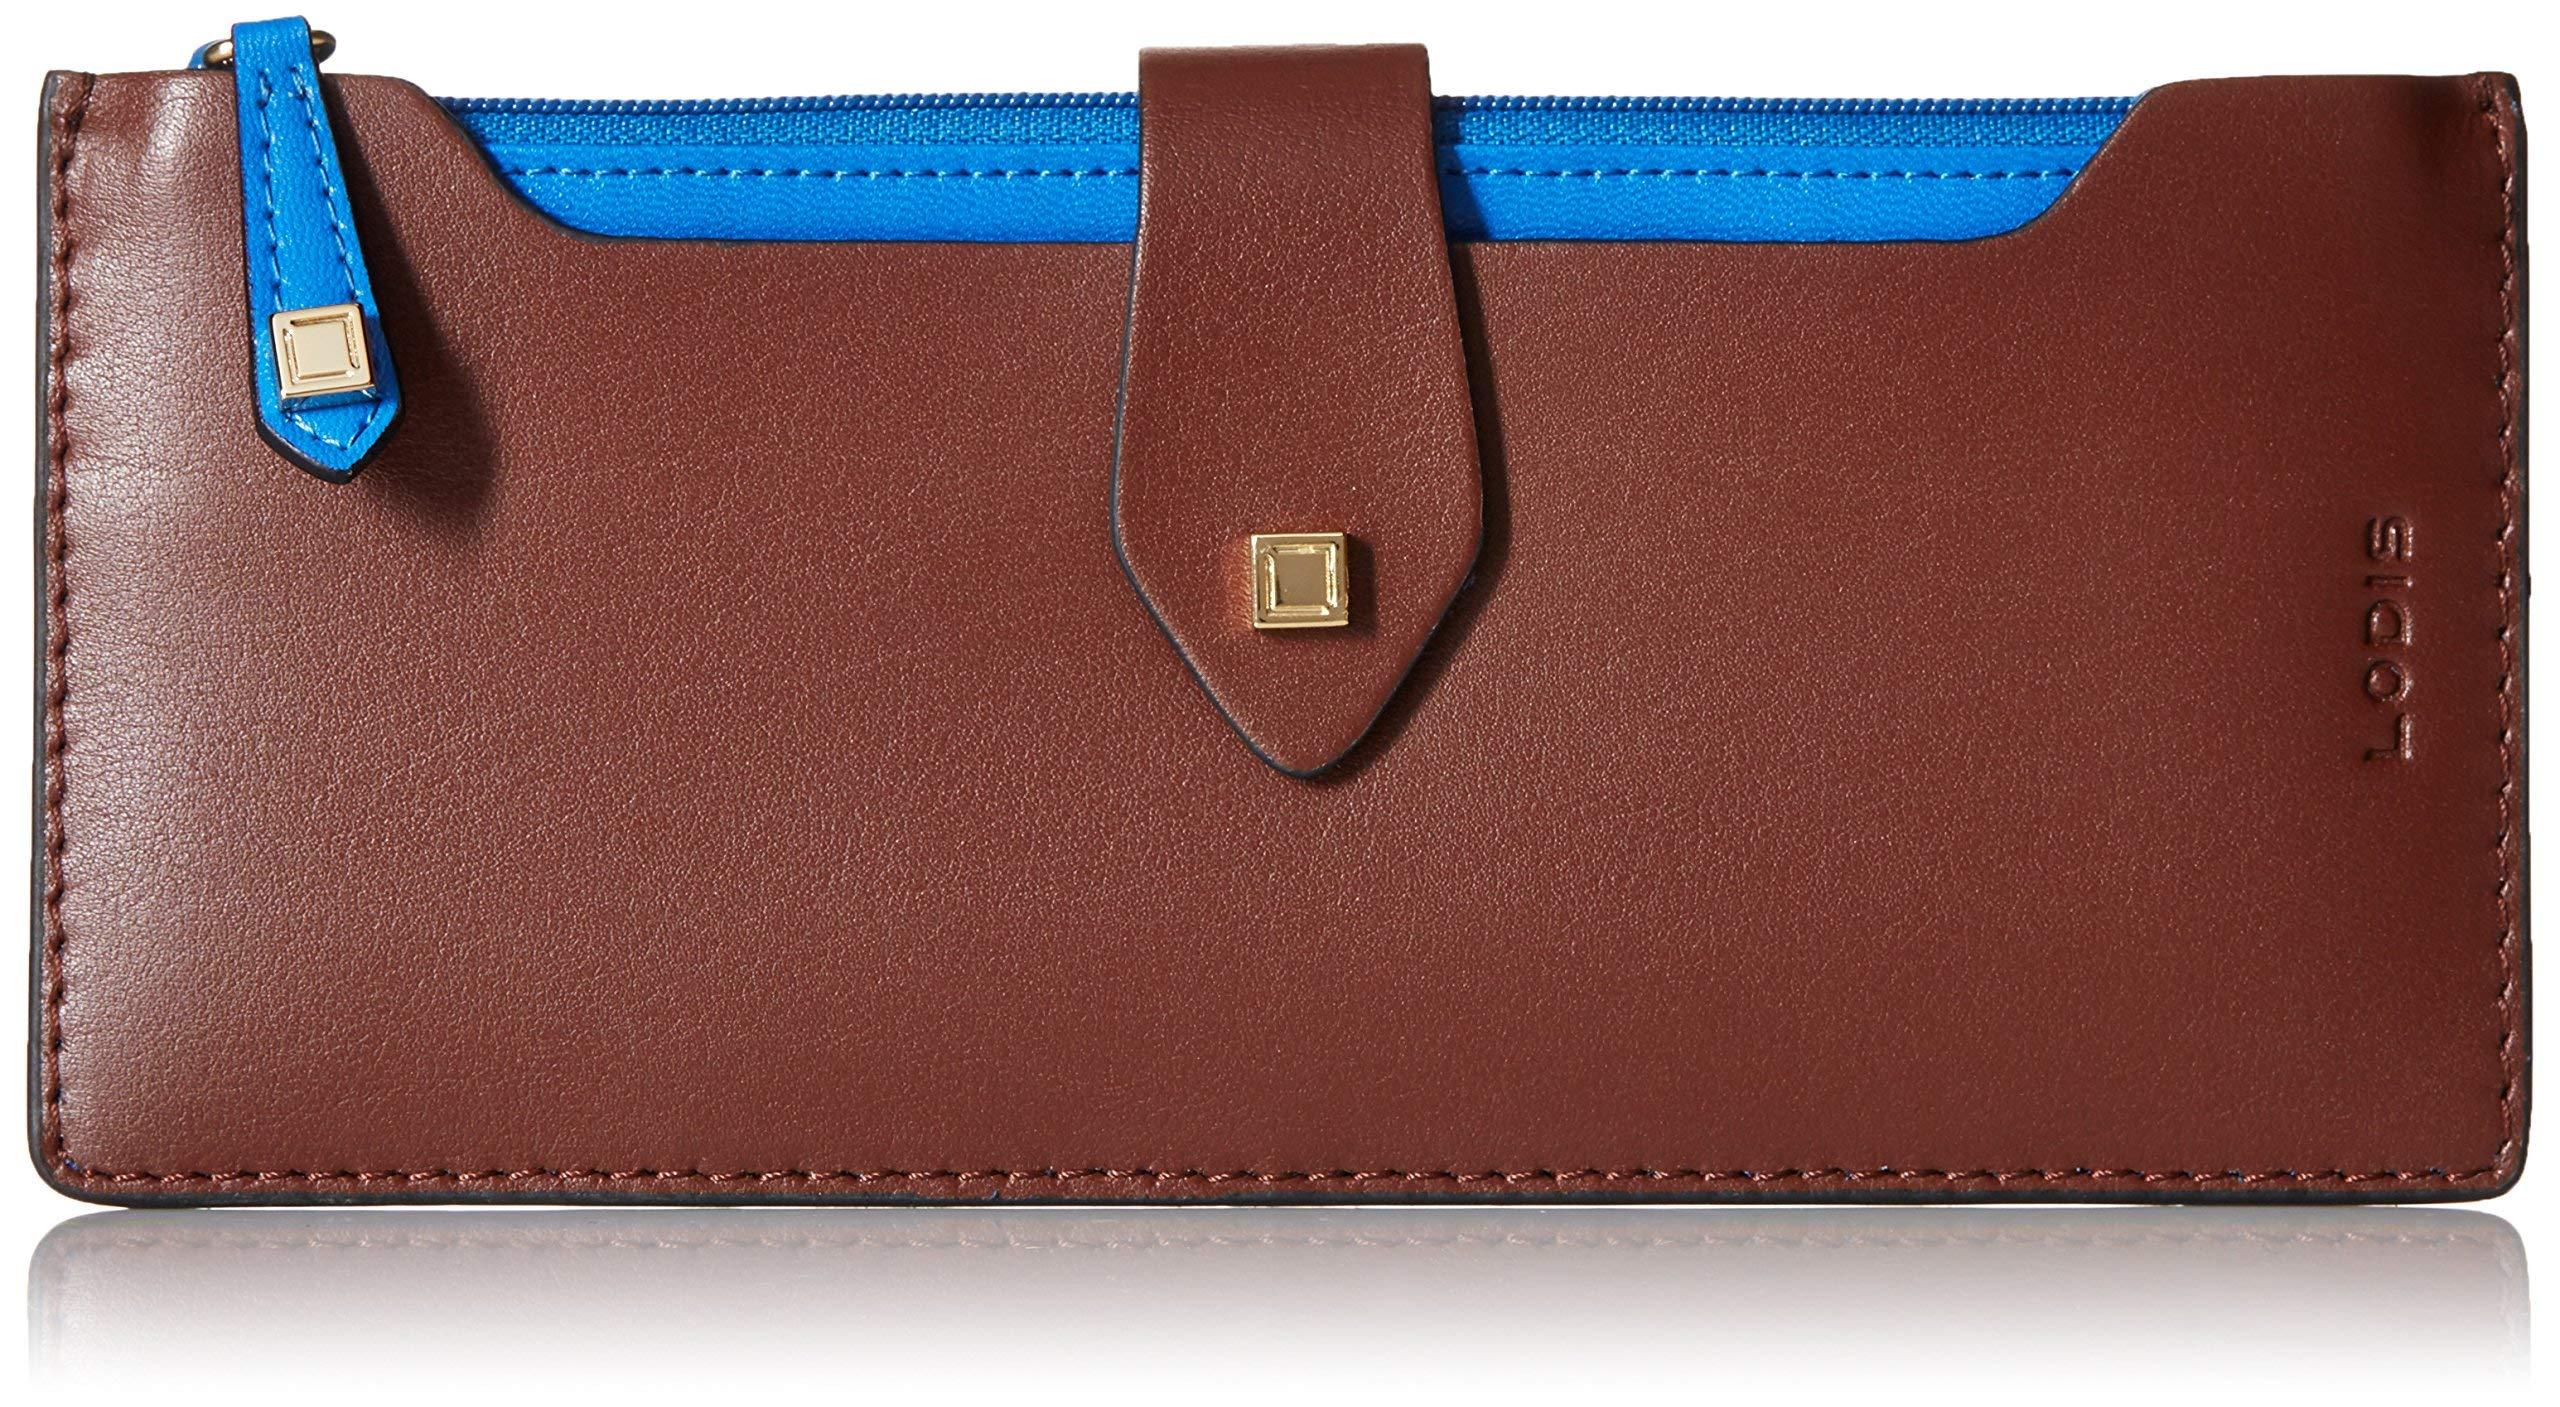 Lodis Blair Unlined Sandy Multi Pouch Wallet (Chestnut/cobalt) by Lodis